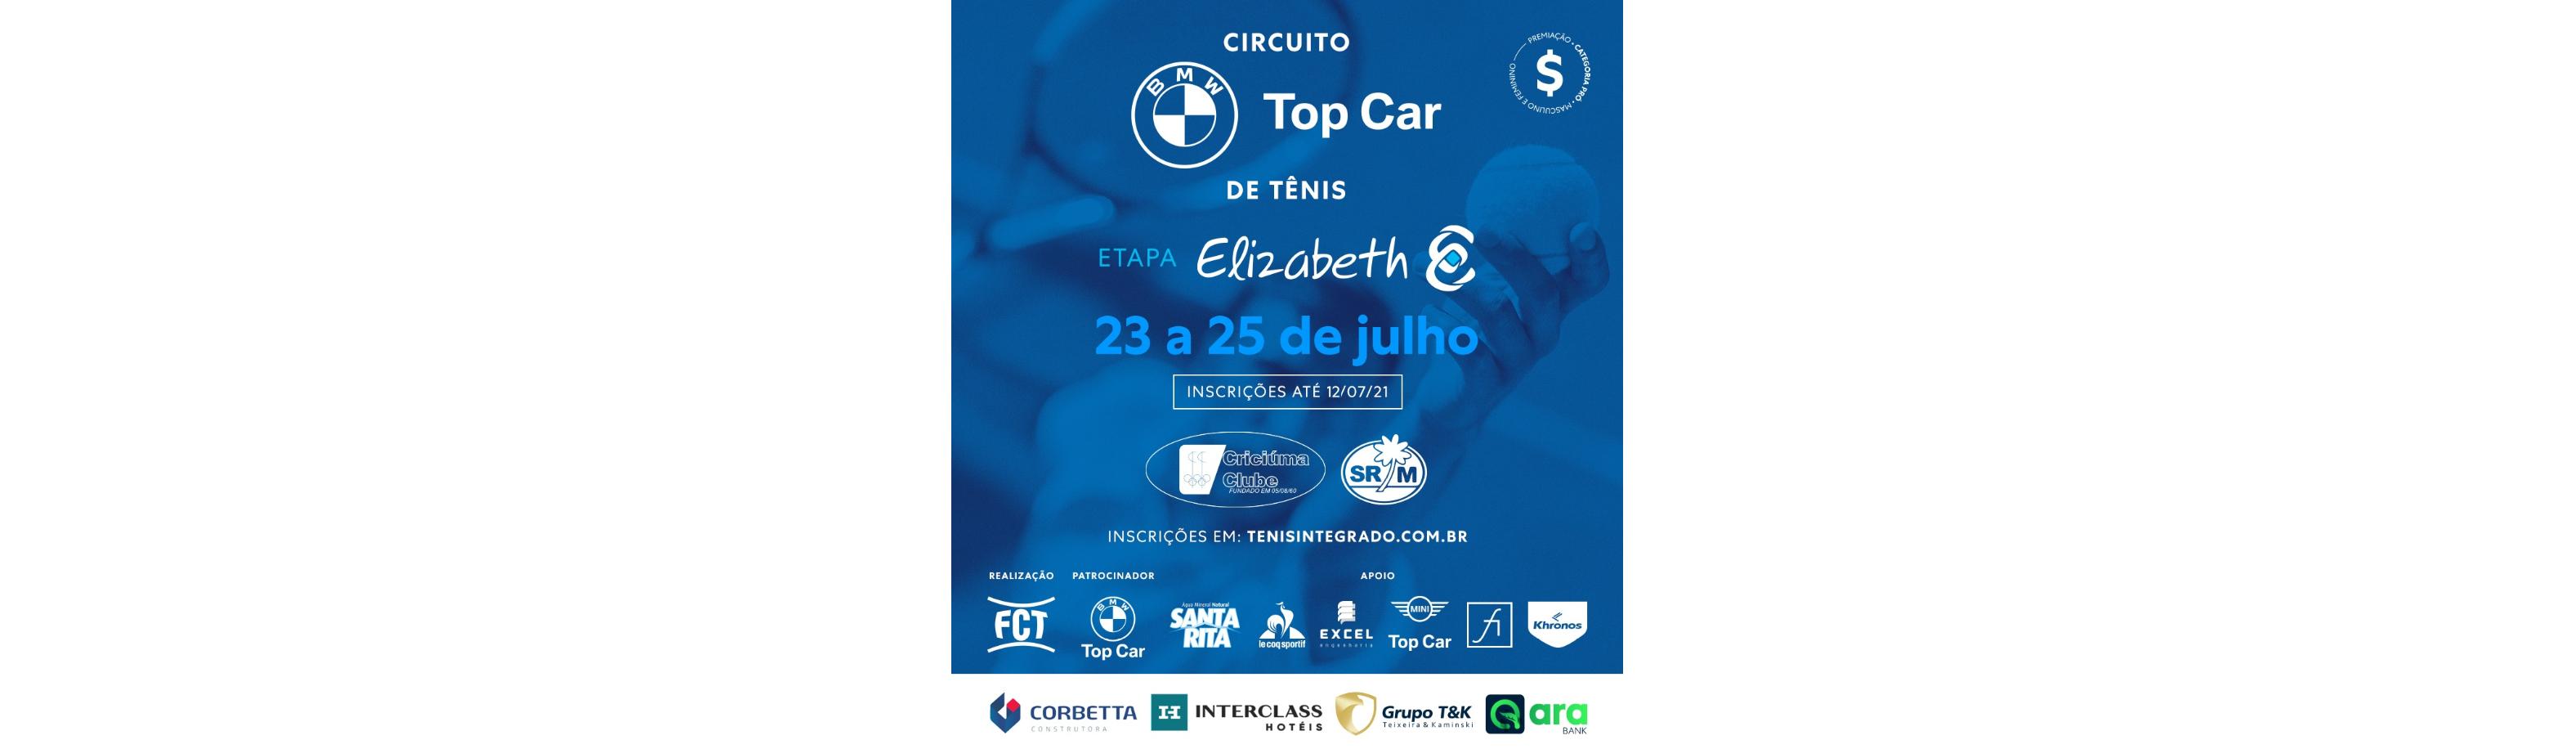 INSCRIÇÕES ESTÃO ABERTAS – CIRCUITO BMW TOP CAR DE TÊNIS (4º ESTADUAL FCT)